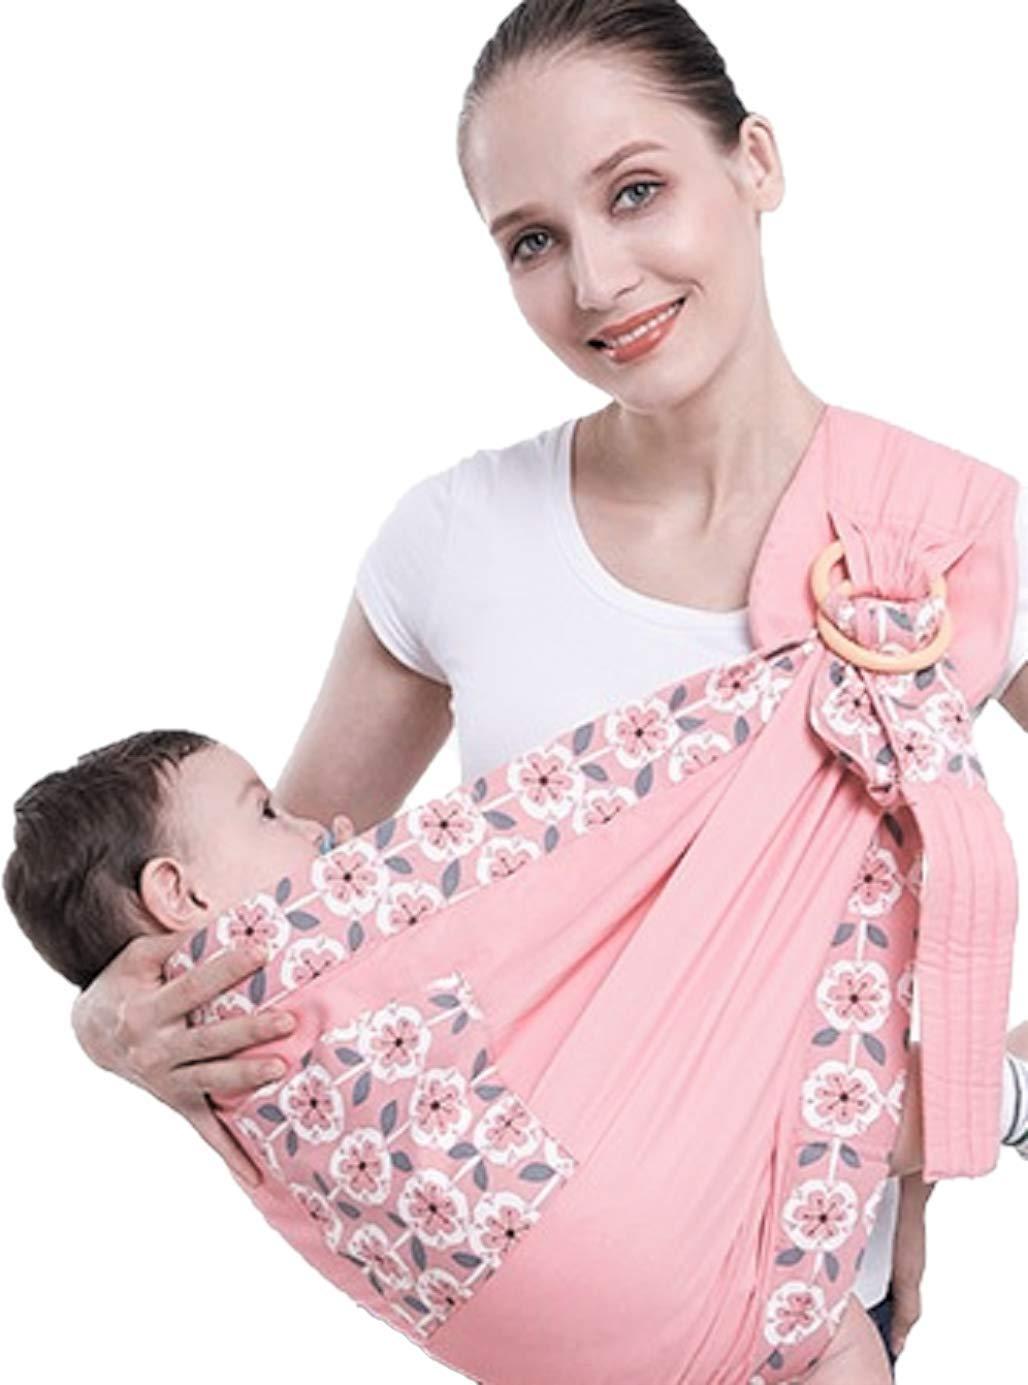 Uamita Babytrage Band aus Atmungsaktiver Baumwolle Hergestellt ohne Verwendung von Synthetischen Fasern Rosa Fantasie Qualit/ätsmaterial Die Praktischste Ergonomische Babytrage f/ür Kinder bis 20 kg